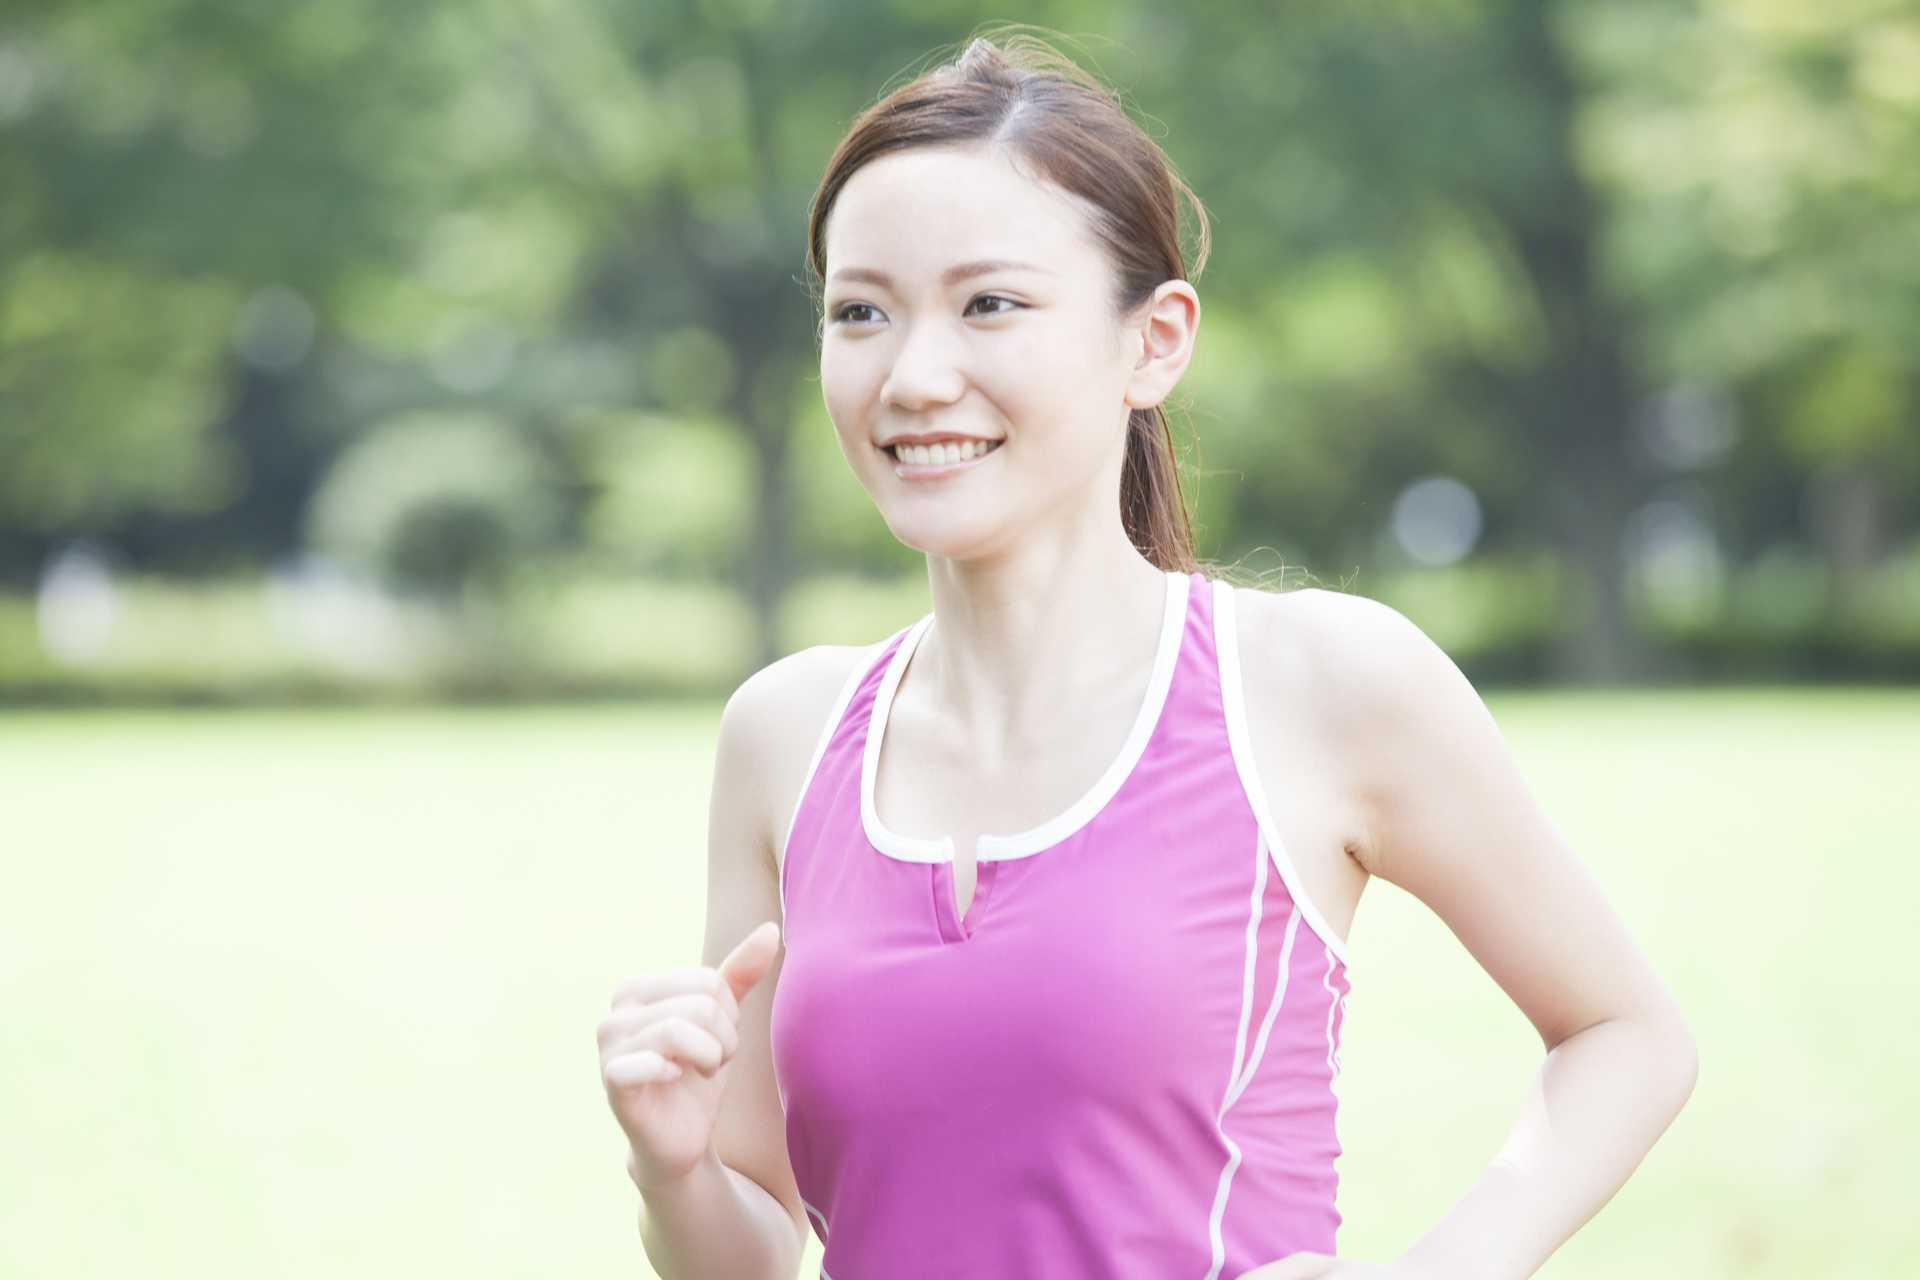 ストレスは、吐き出すものではなく、消化するもの。 | 人生を楽しく生きる30の方法